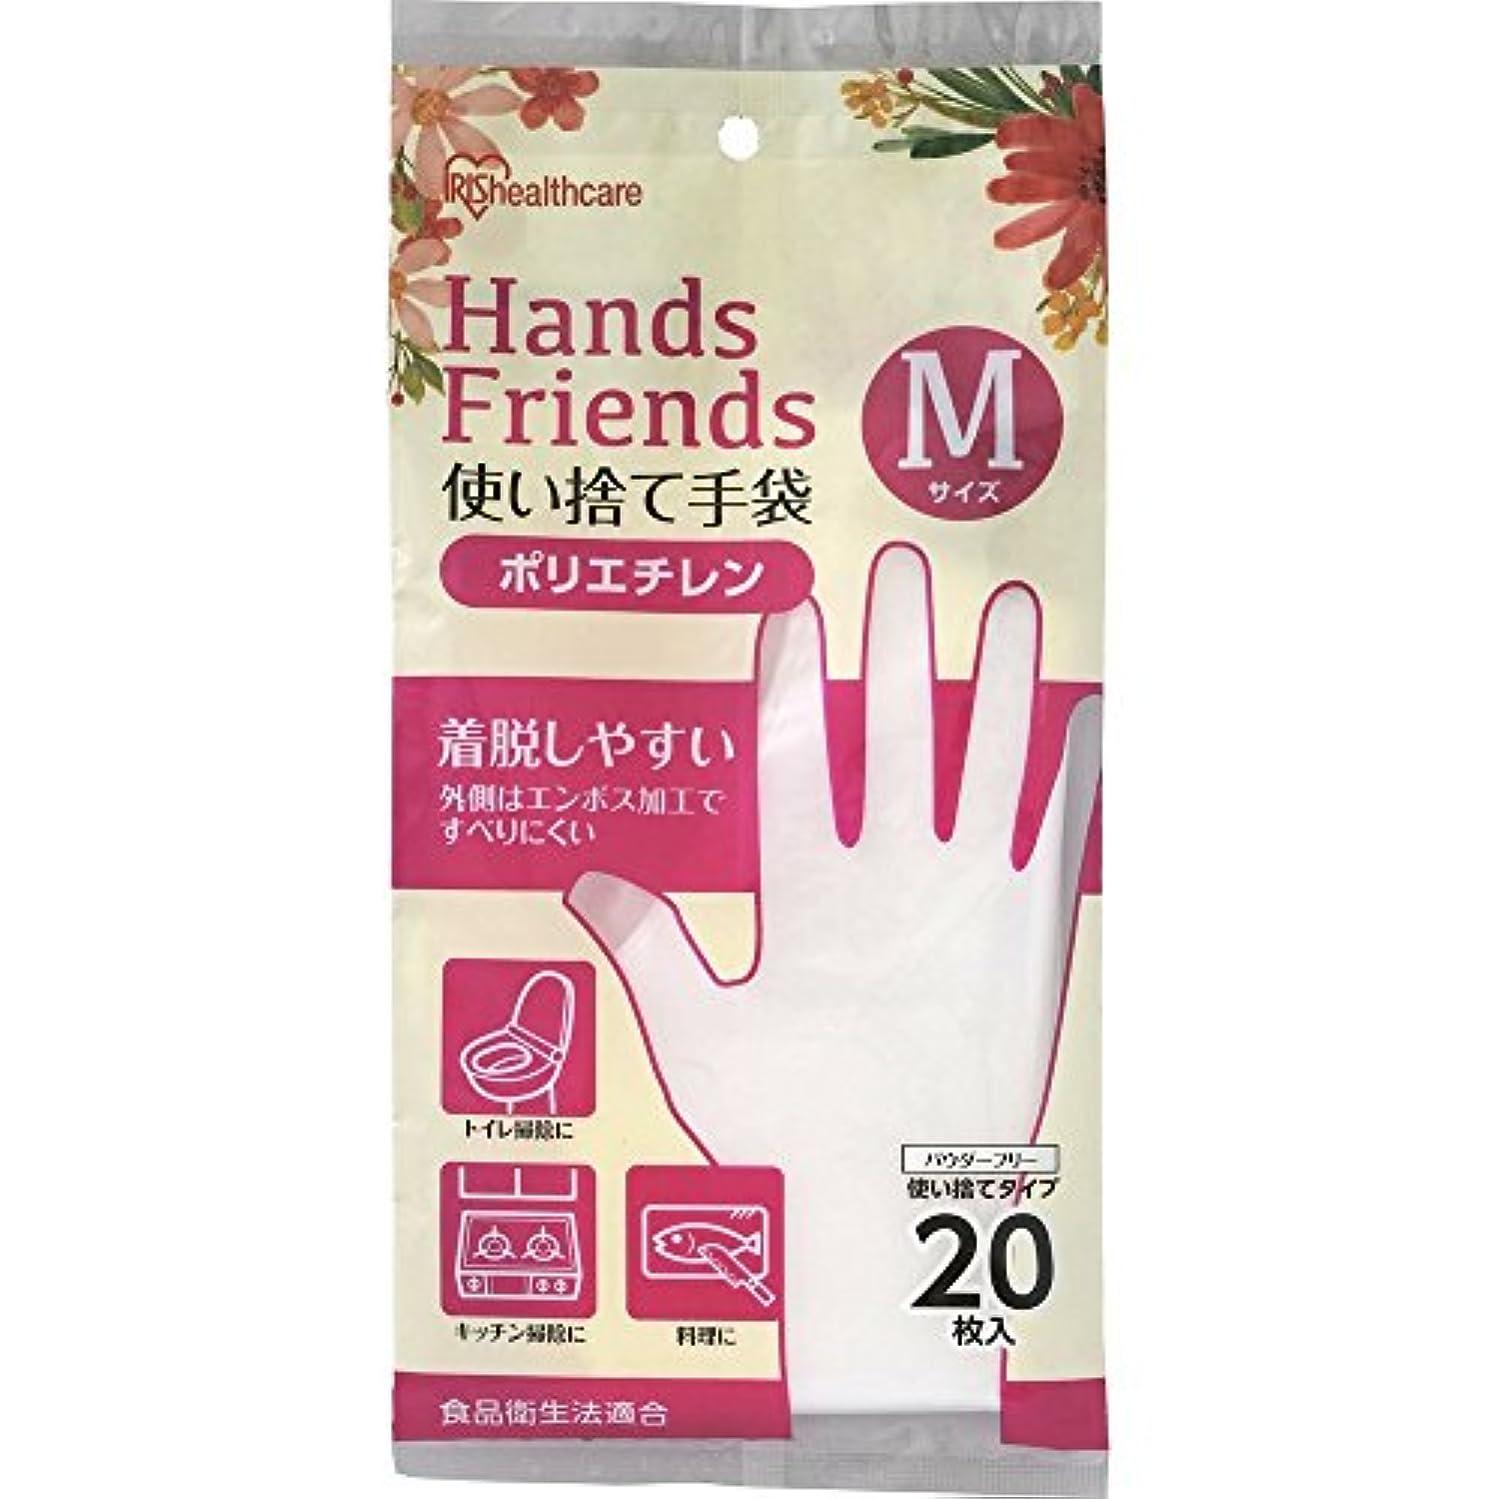 膨らみ移動するブランド使い捨て手袋 ポリエチレン手袋 Mサイズ 粉なし パウダーフリー クリア 20枚入